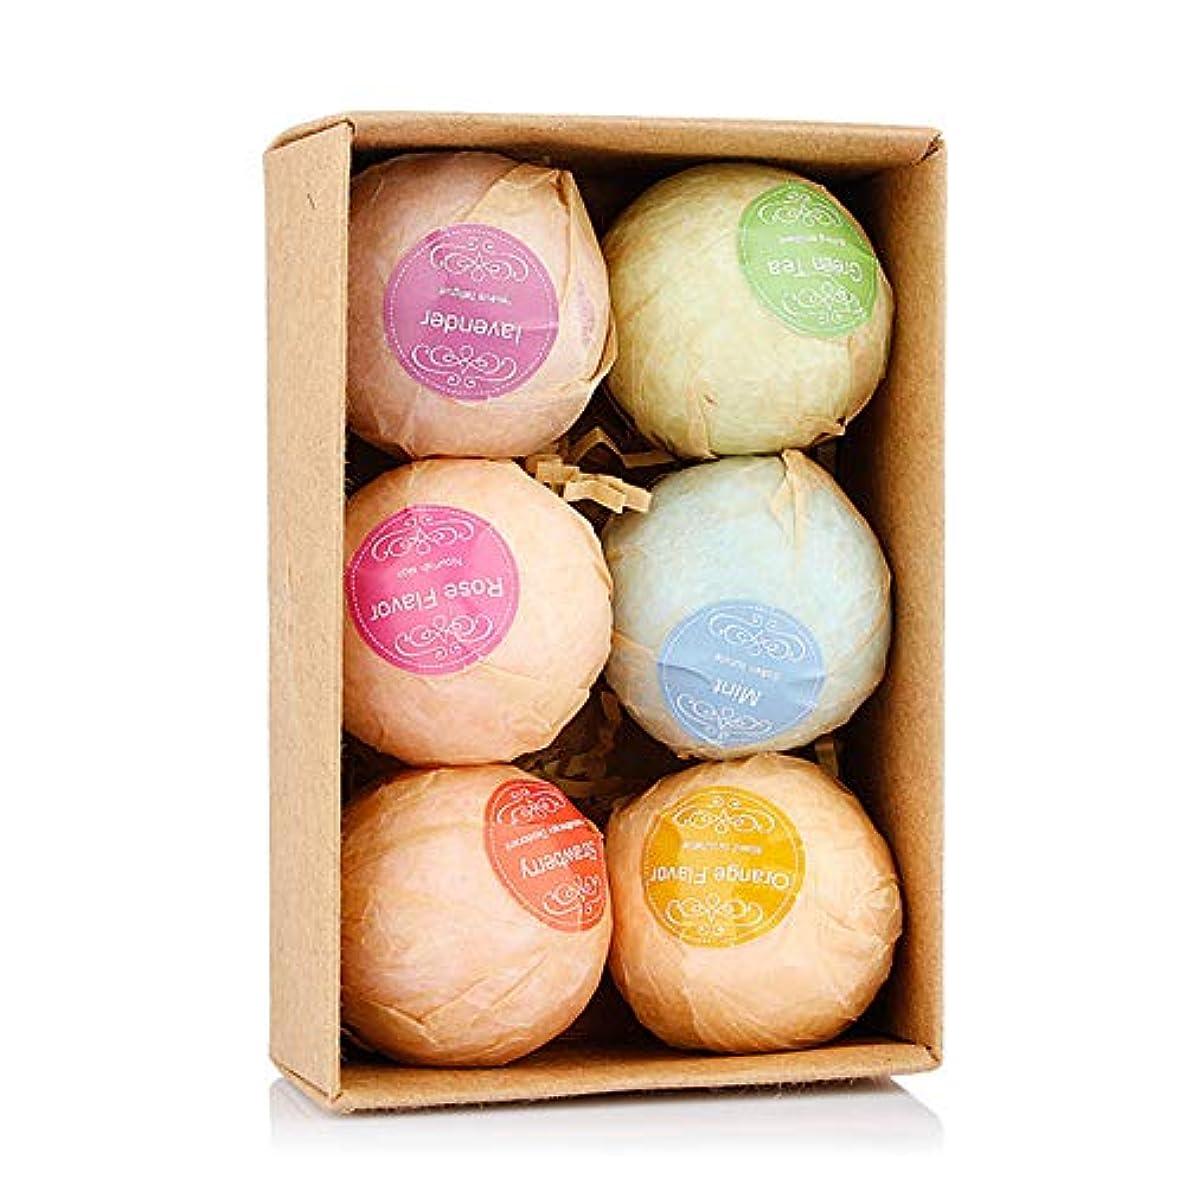 とんでもない節約する資源バスボム 入浴剤 炭酸 バスボール 6つの香り 手作り 入浴料 うるおいプラス お風呂用 入浴剤 ギフトセット6枚 プレゼント最適